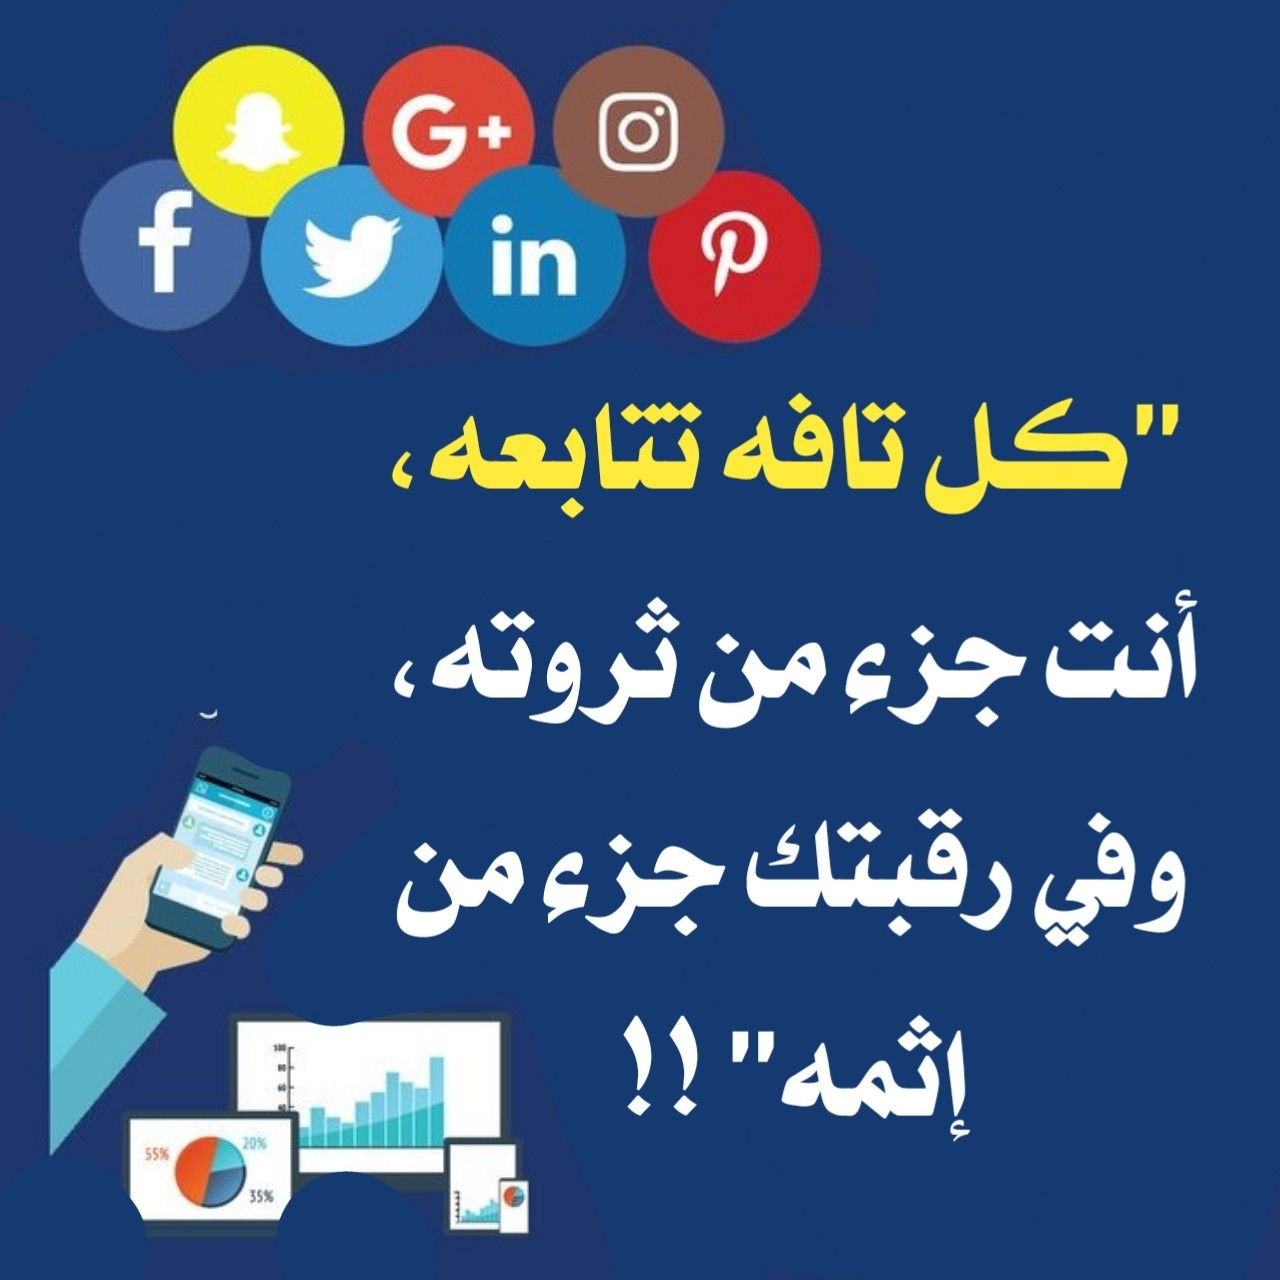 مواقع التواصل الاجتماعي الانترنت الانستقرام يوتيوب فيسبوك سناب شات Arabic Quotes Quotes Islam